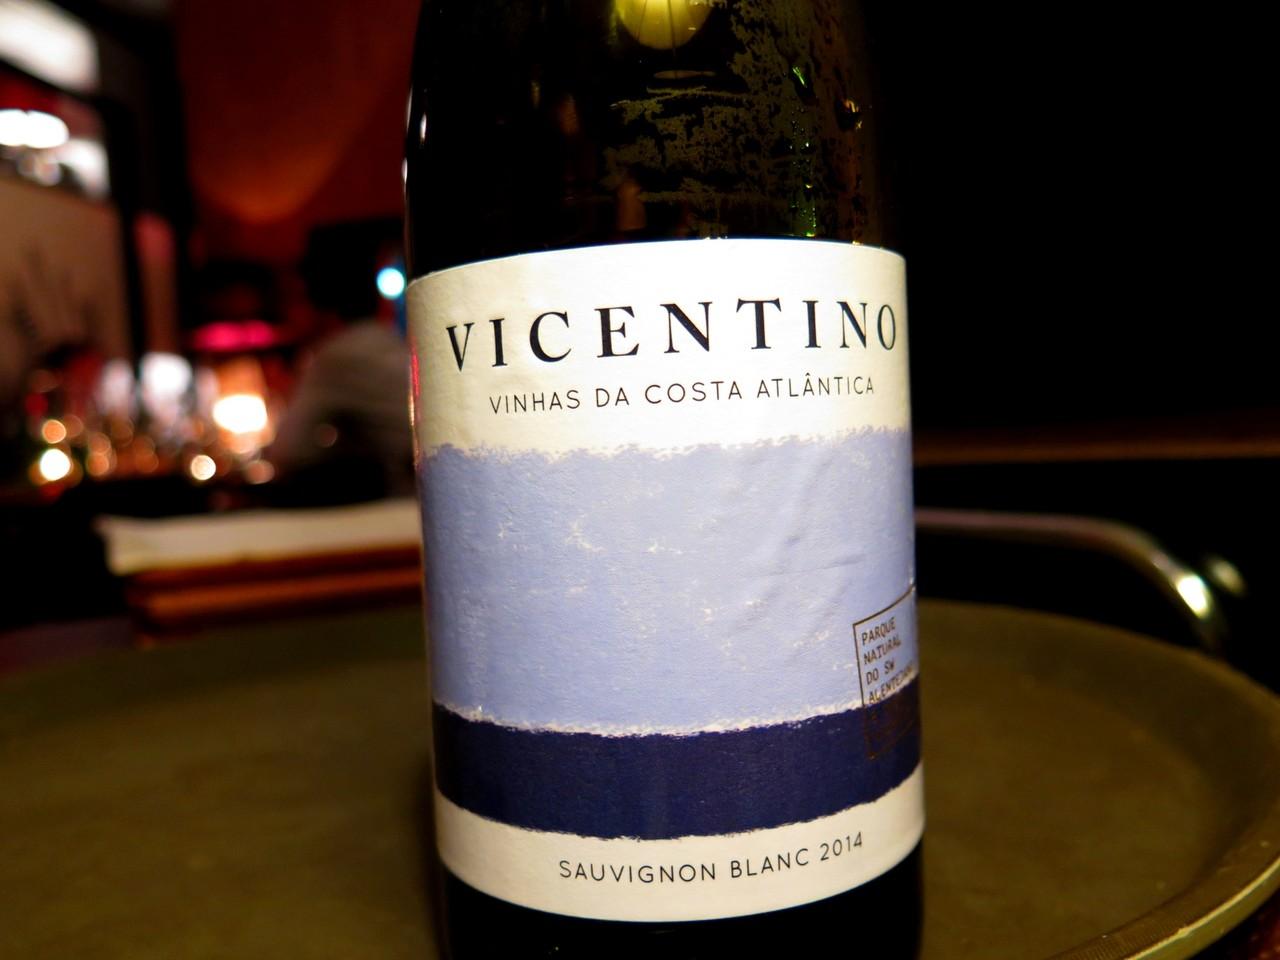 Vicentino Sauvignon Blanc branco 2014